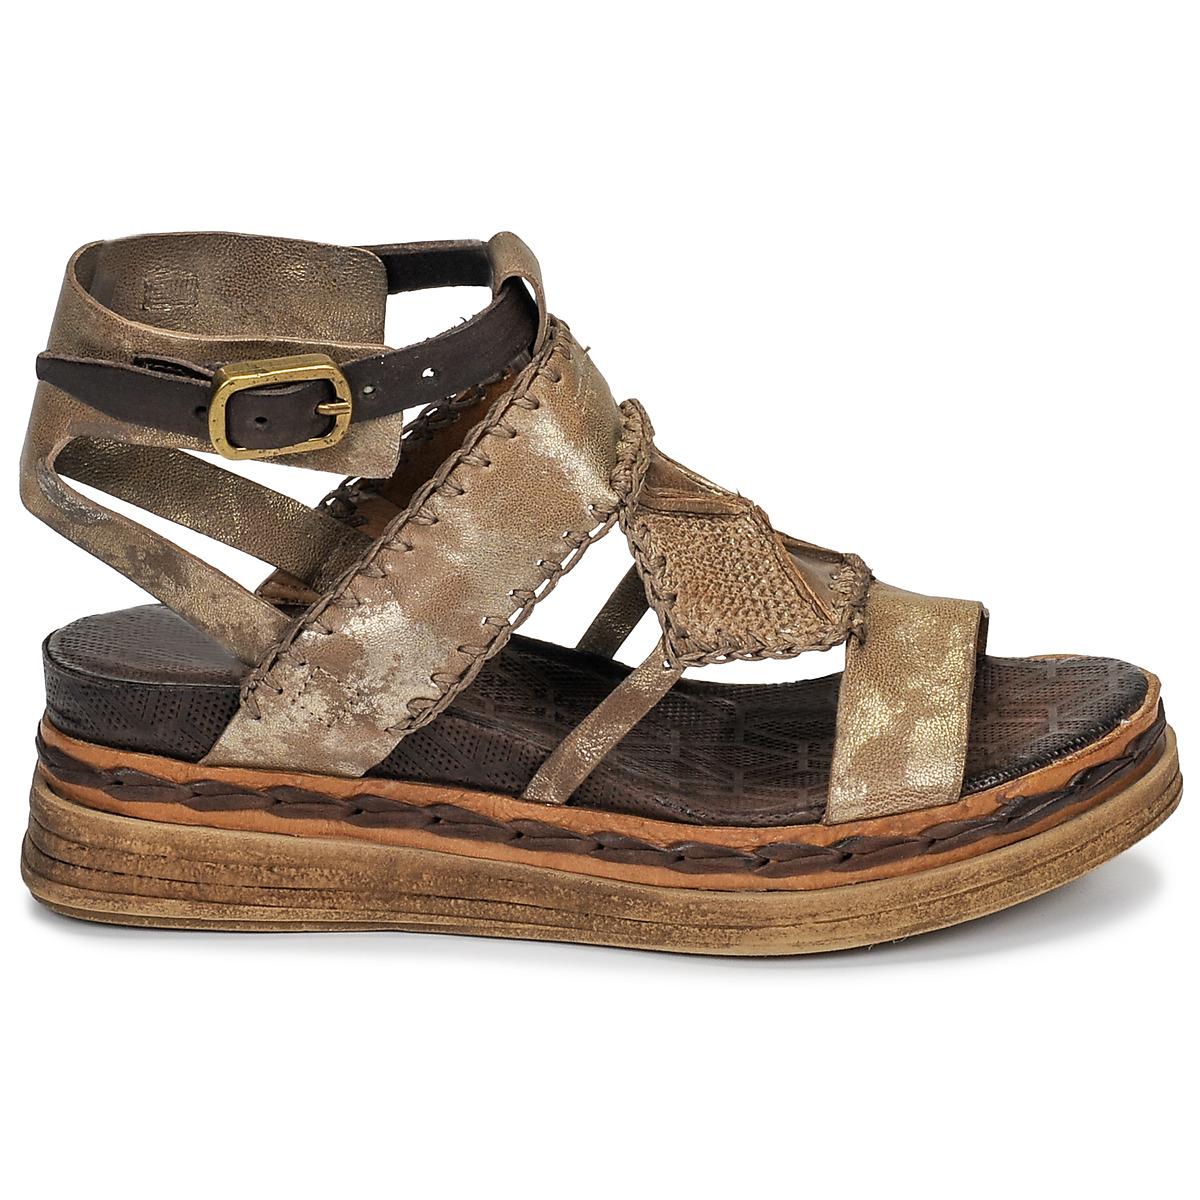 Sandales et nu-pieds lagos dor airstep / a.s.98